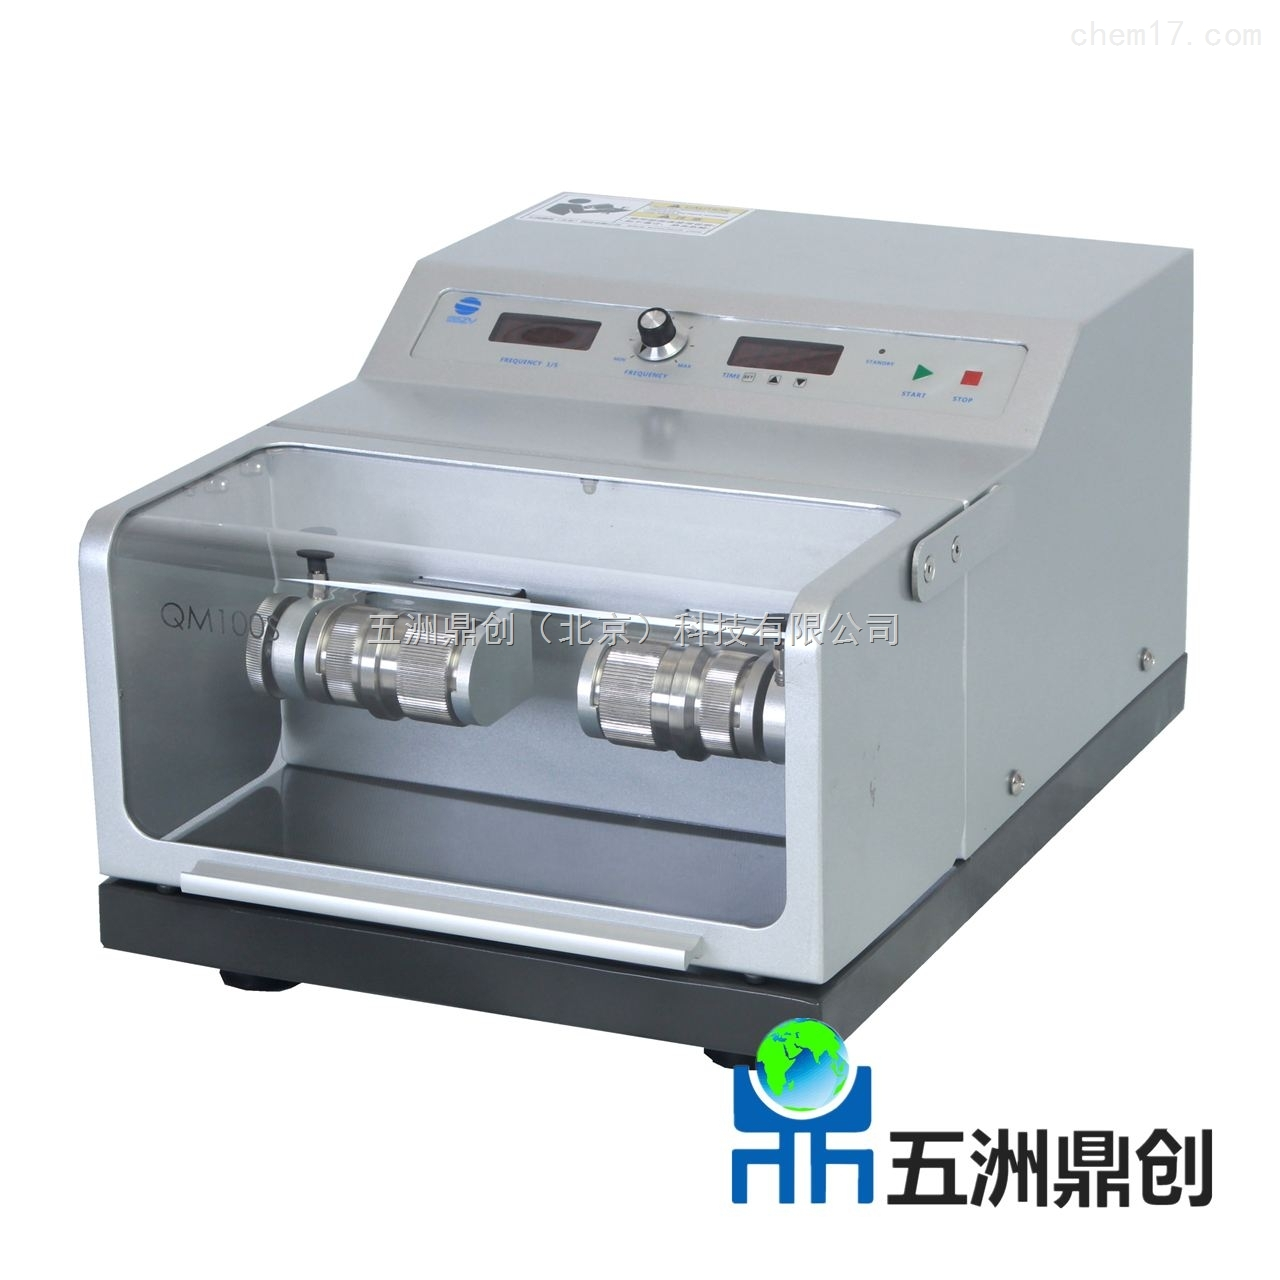 QM100S厂销 冷冻混合型球磨仪多功能实验室 研磨仪高通量组织研磨仪